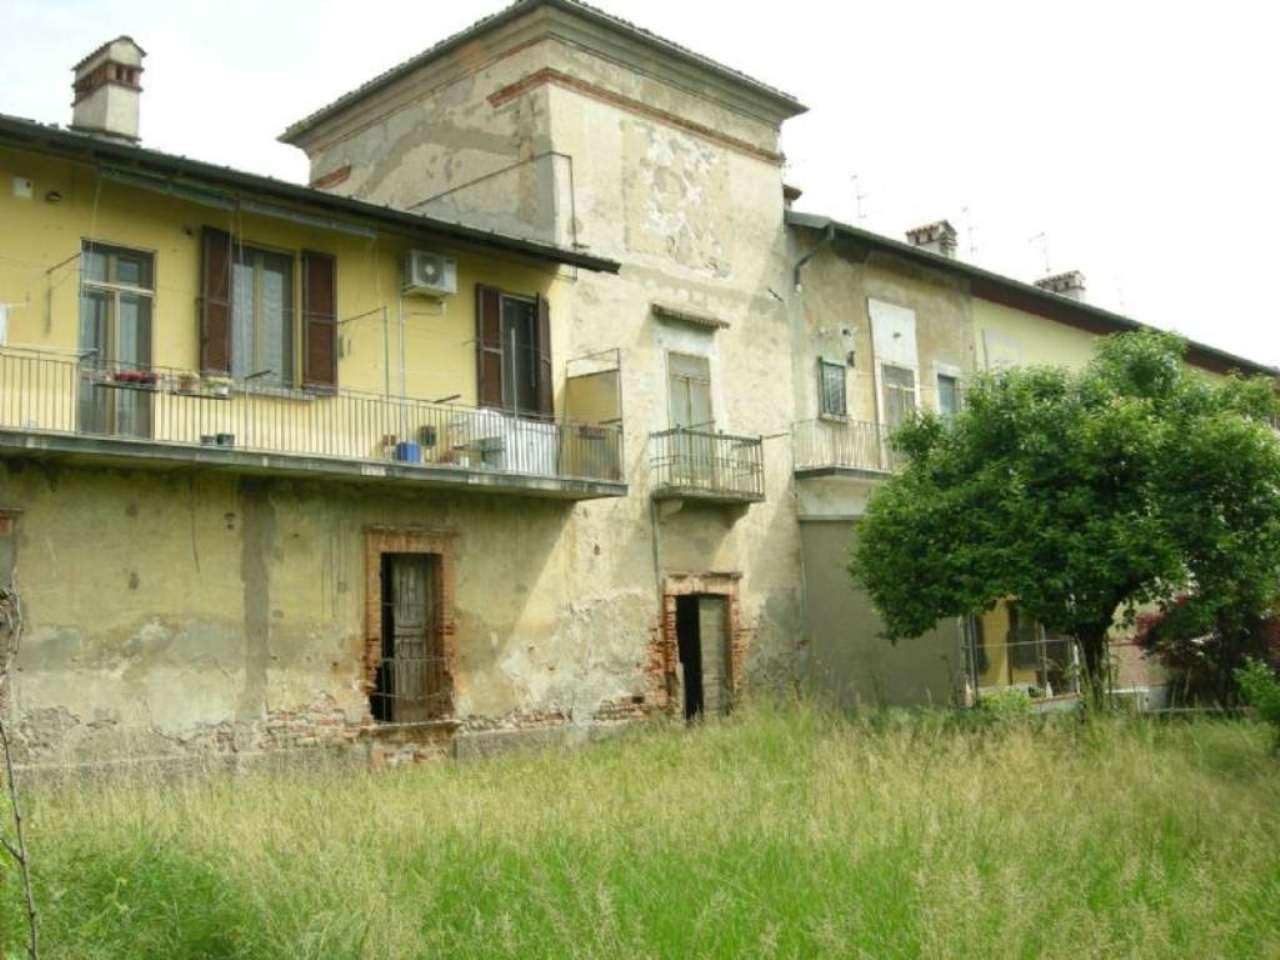 Rustico / Casale in vendita a Gessate, 9999 locali, prezzo € 165.000 | Cambio Casa.it